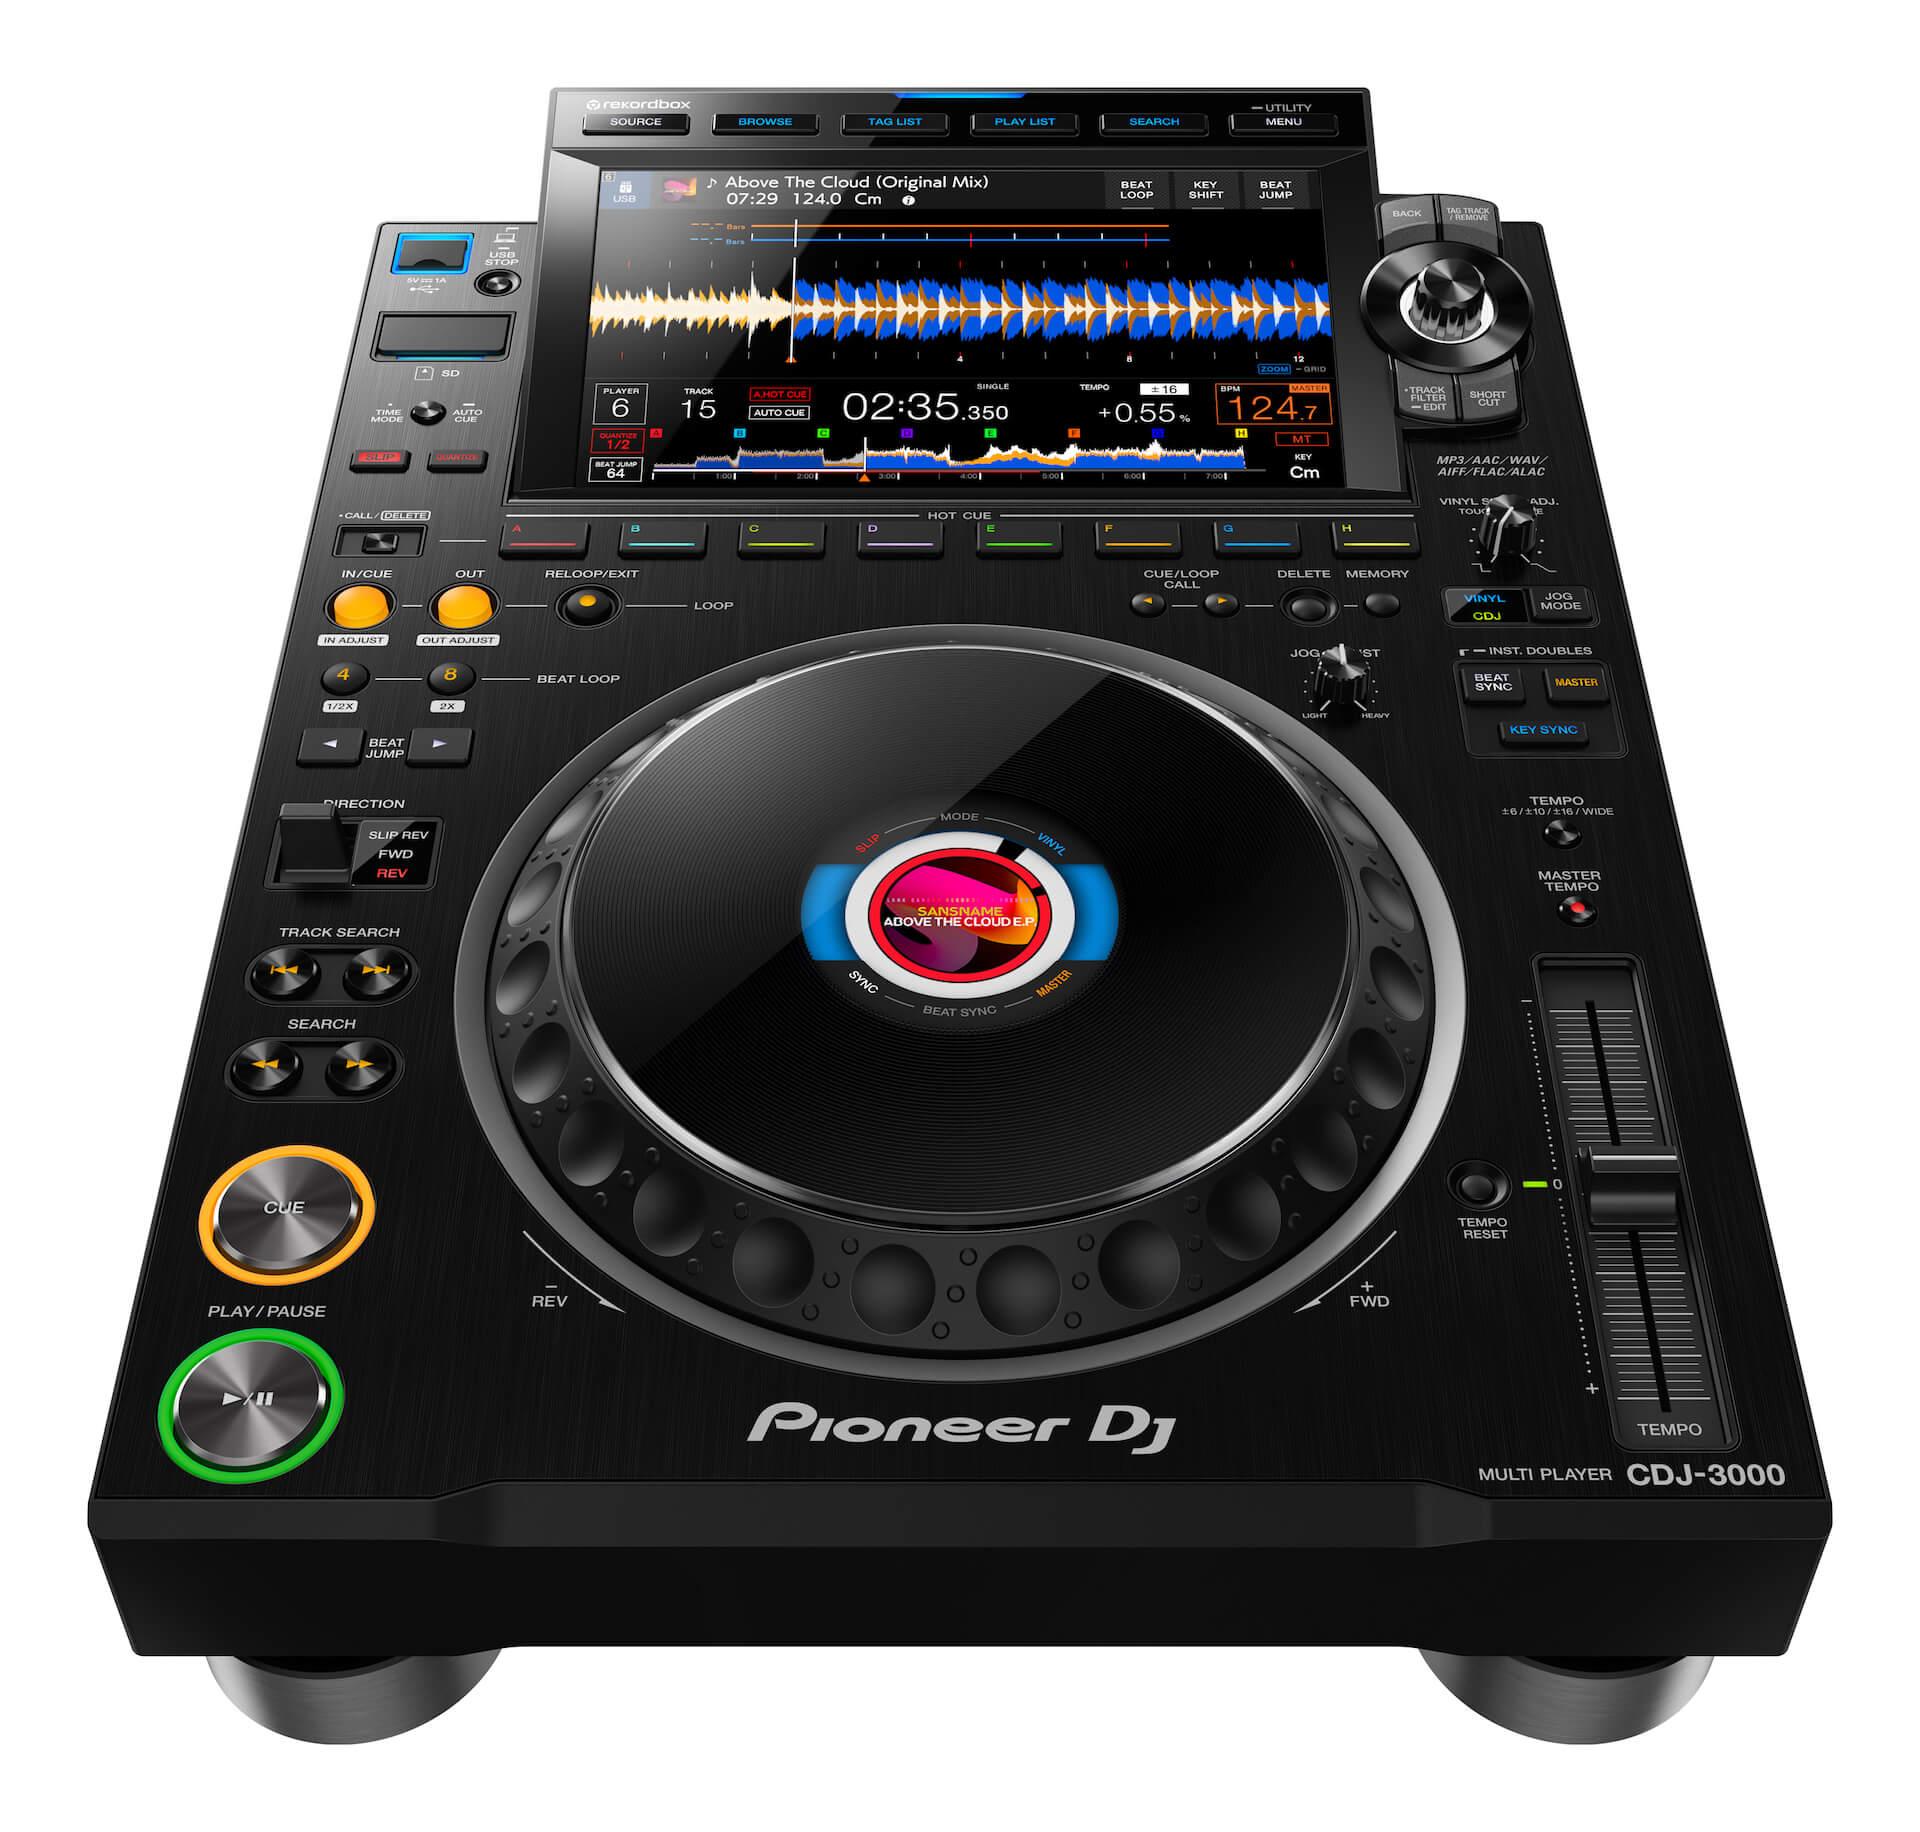 Pioneer DJからCDJシリーズ最新モデル「CDJ-3000」が登場!限定モデル「CDJ-3000-W」も tech200910_cdj_3000_3